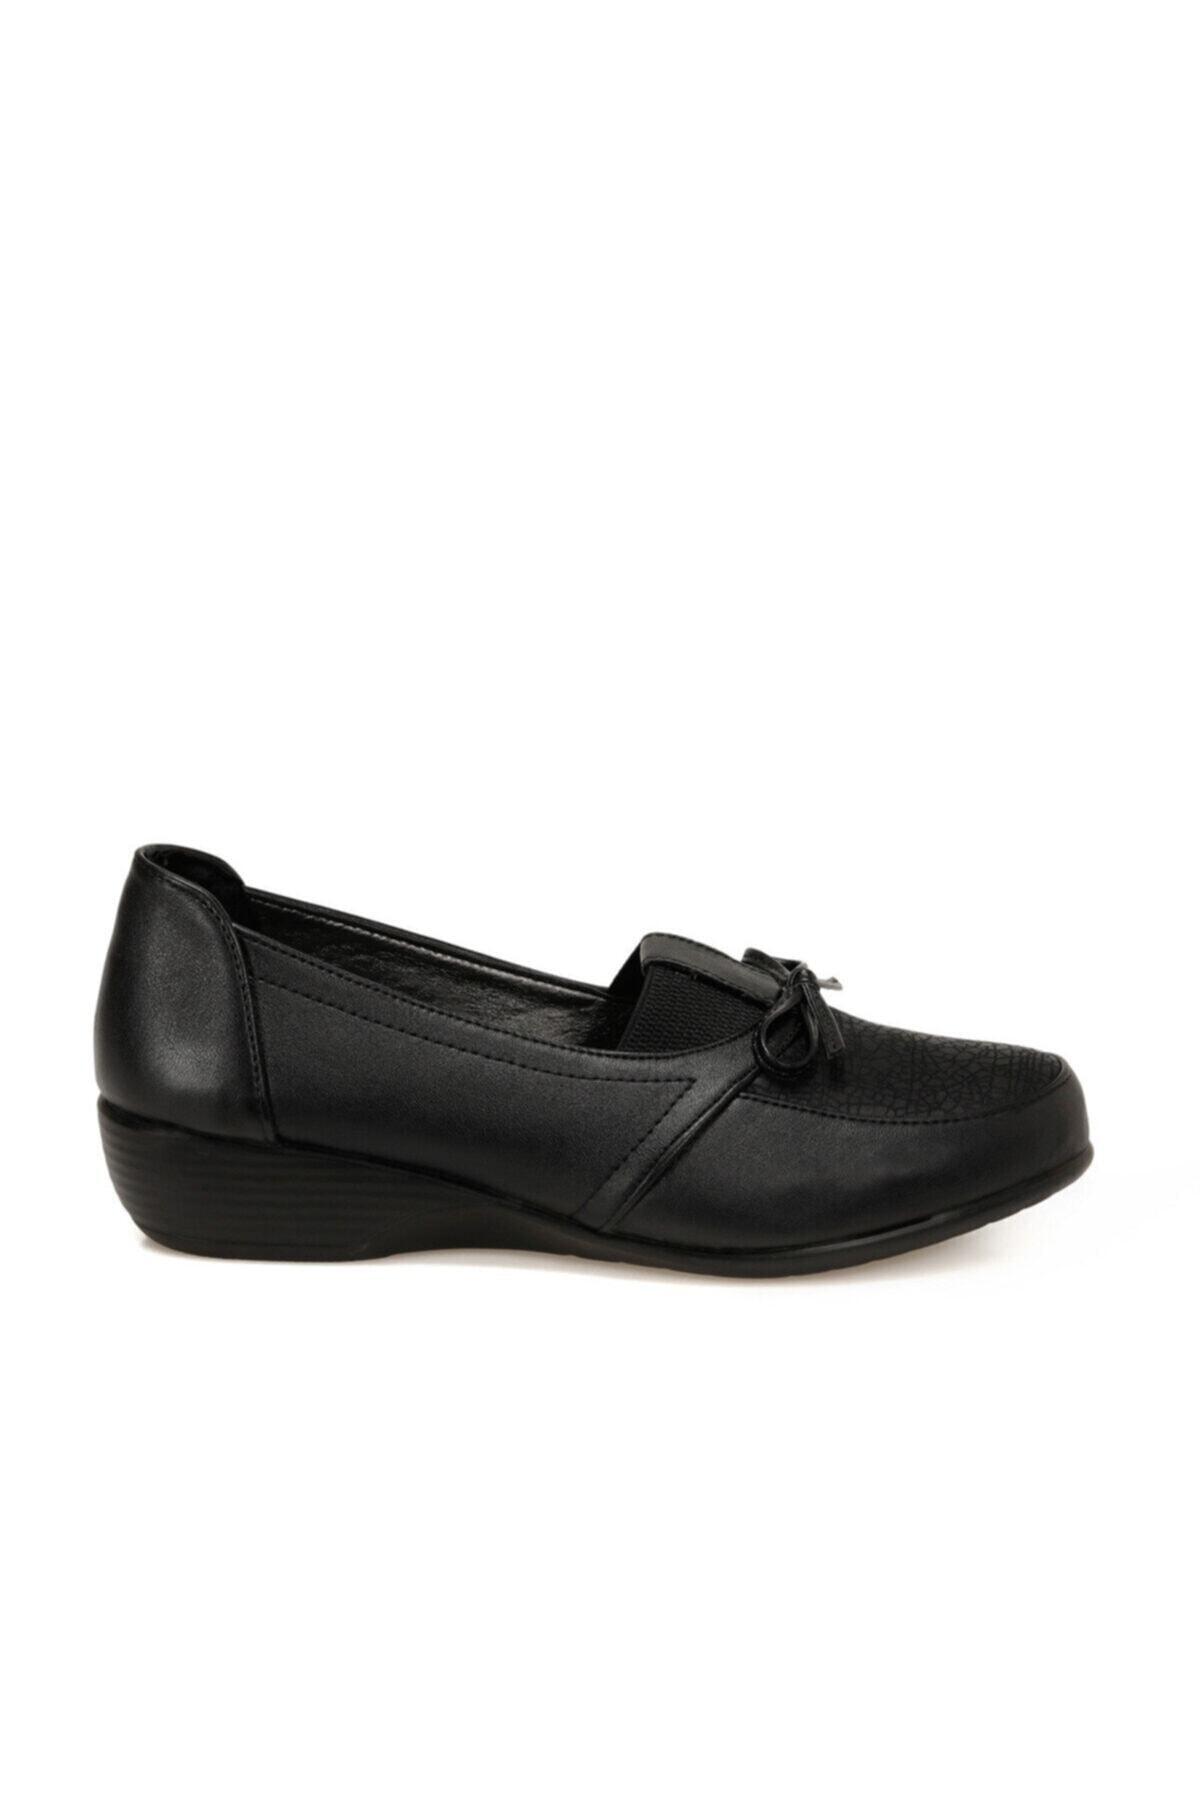 Polaris 161495.Z Siyah Kadın Comfort Ayakkabı 100548355 2